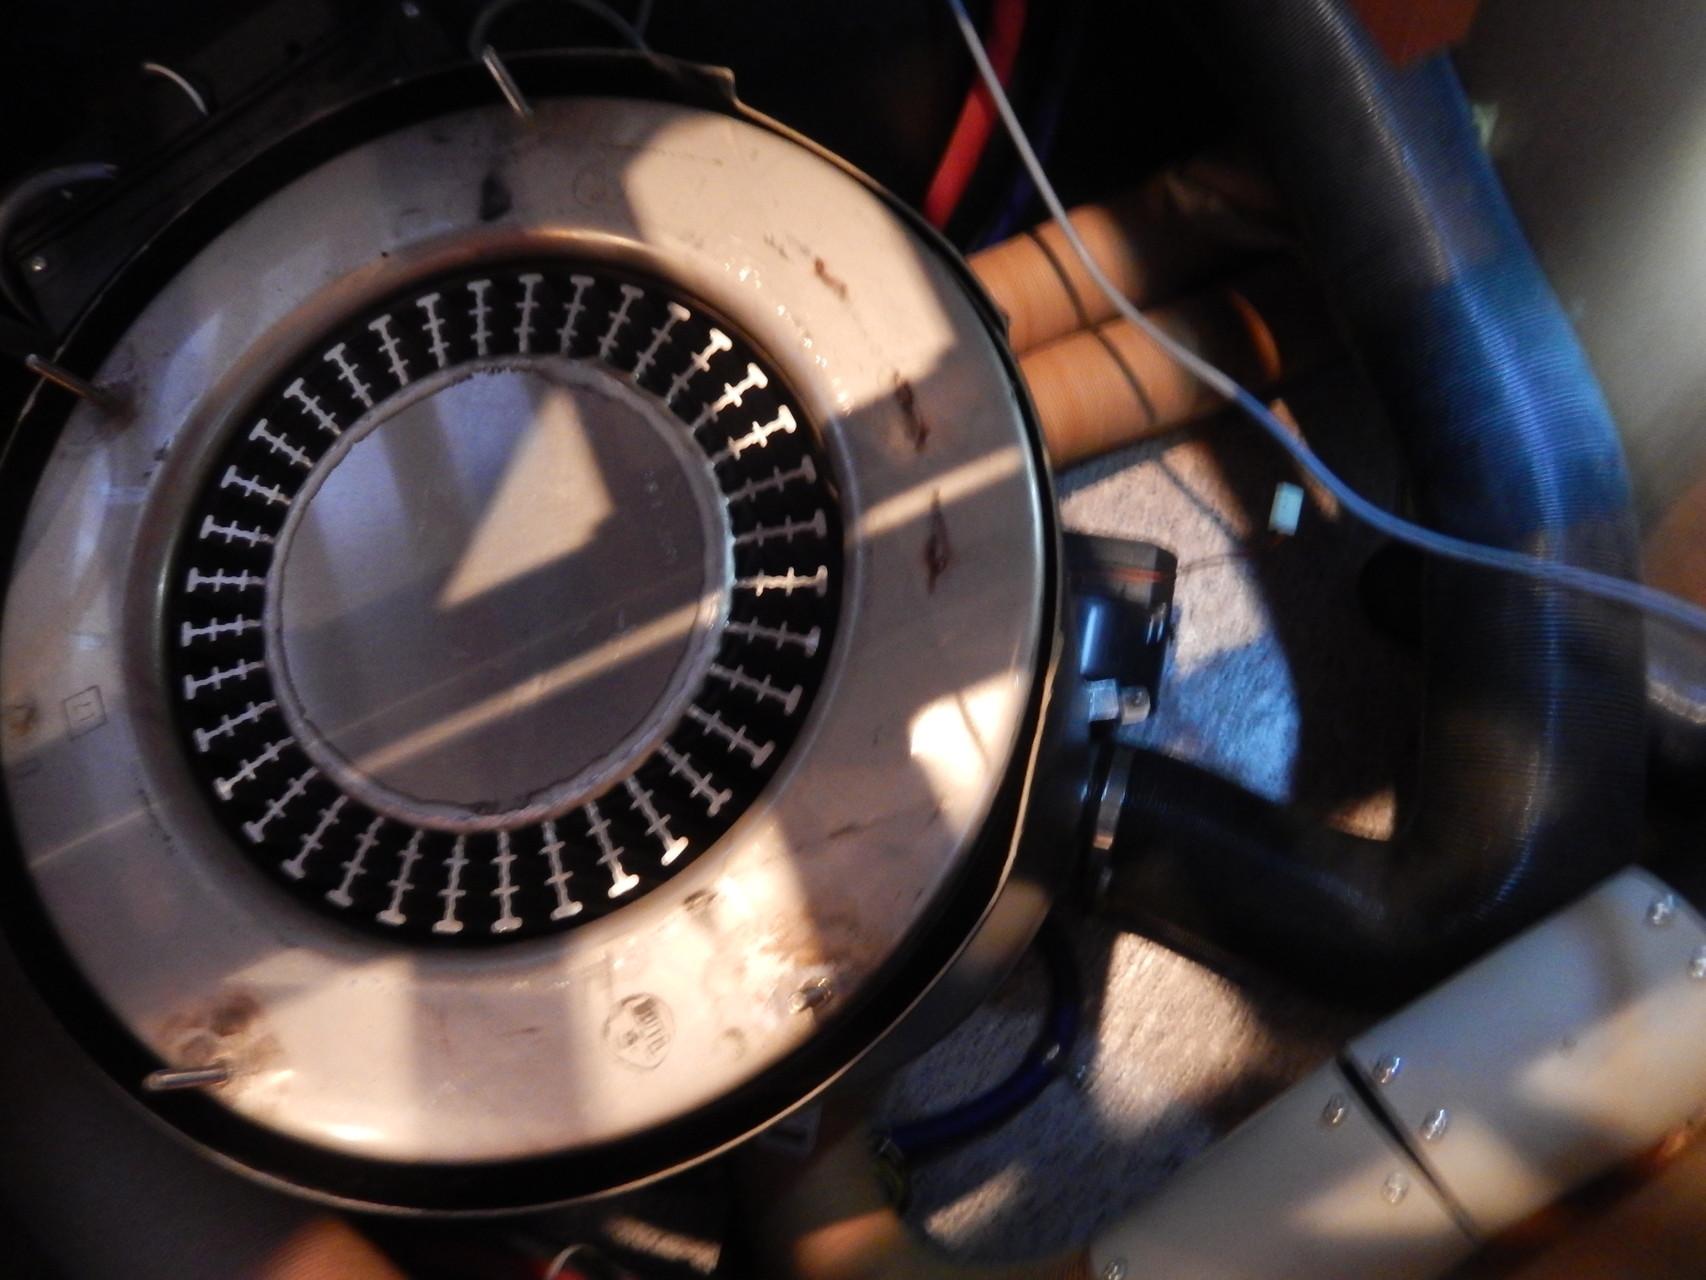 hhier ein Blick in das innere der Truma 6002C, der Boiler